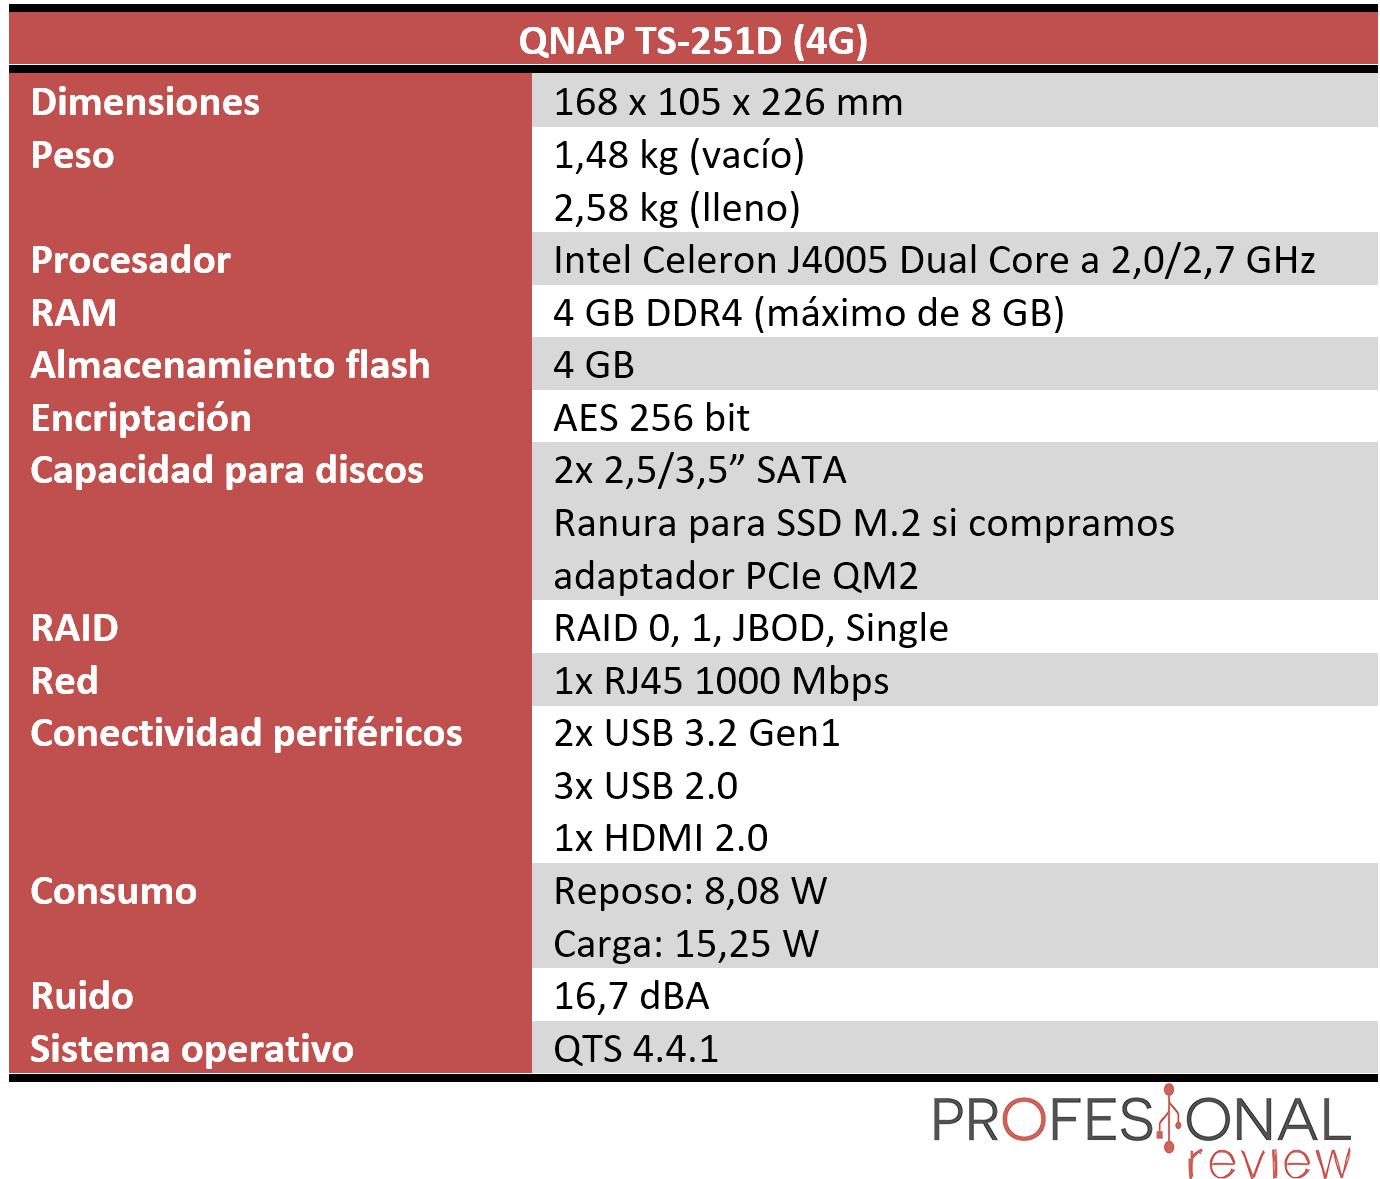 QNAP TS-251D Características